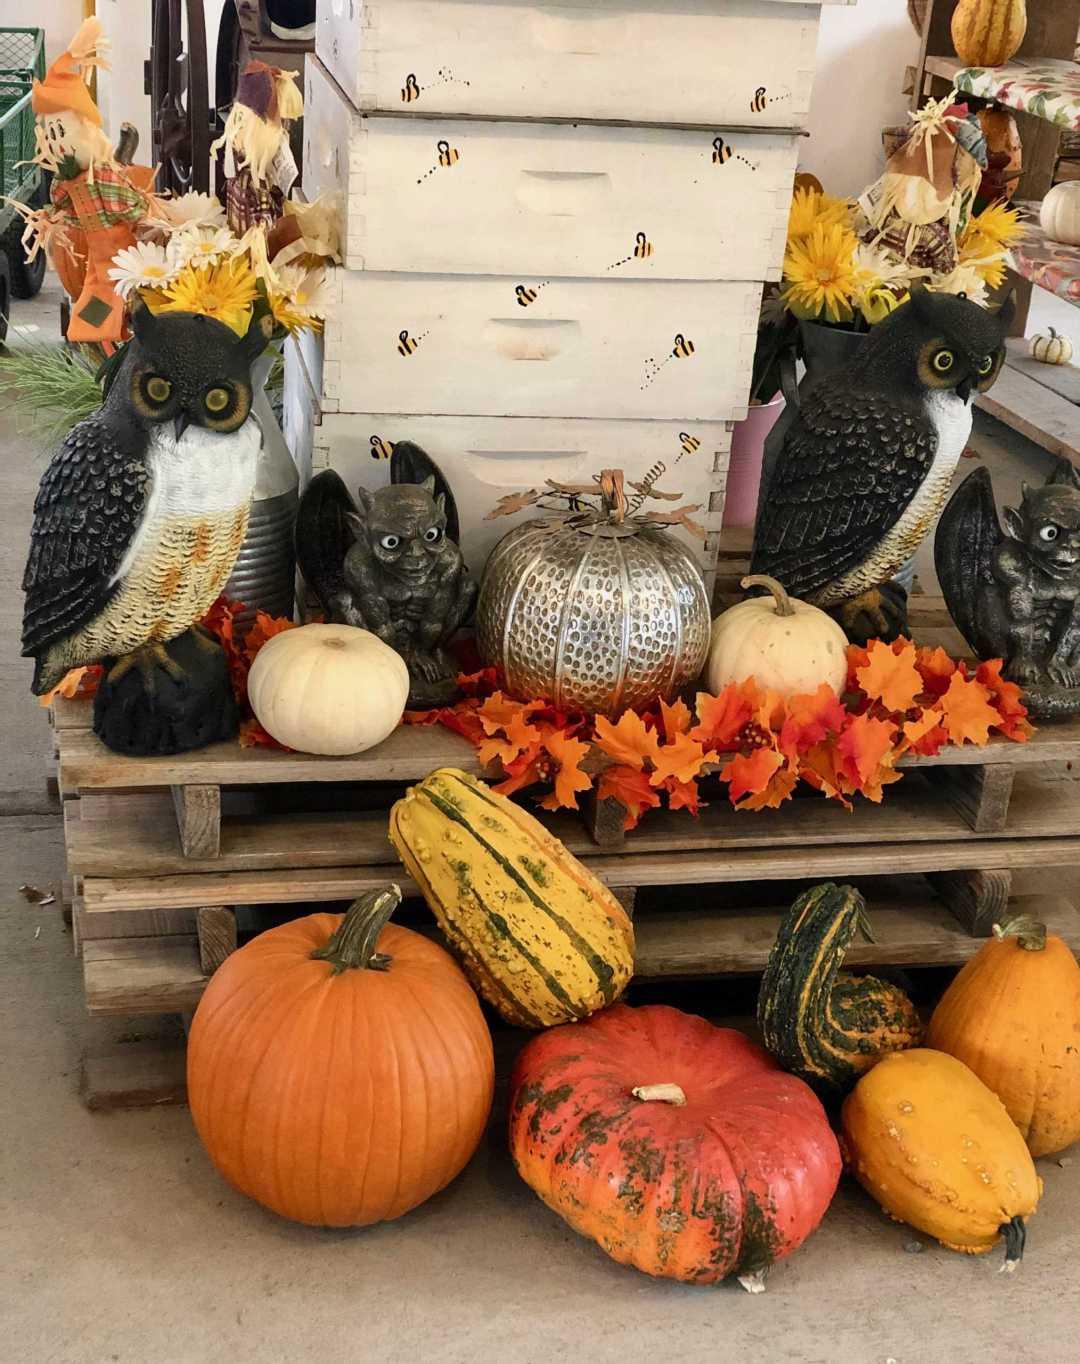 a close of pumpkins and decor in a farm shop